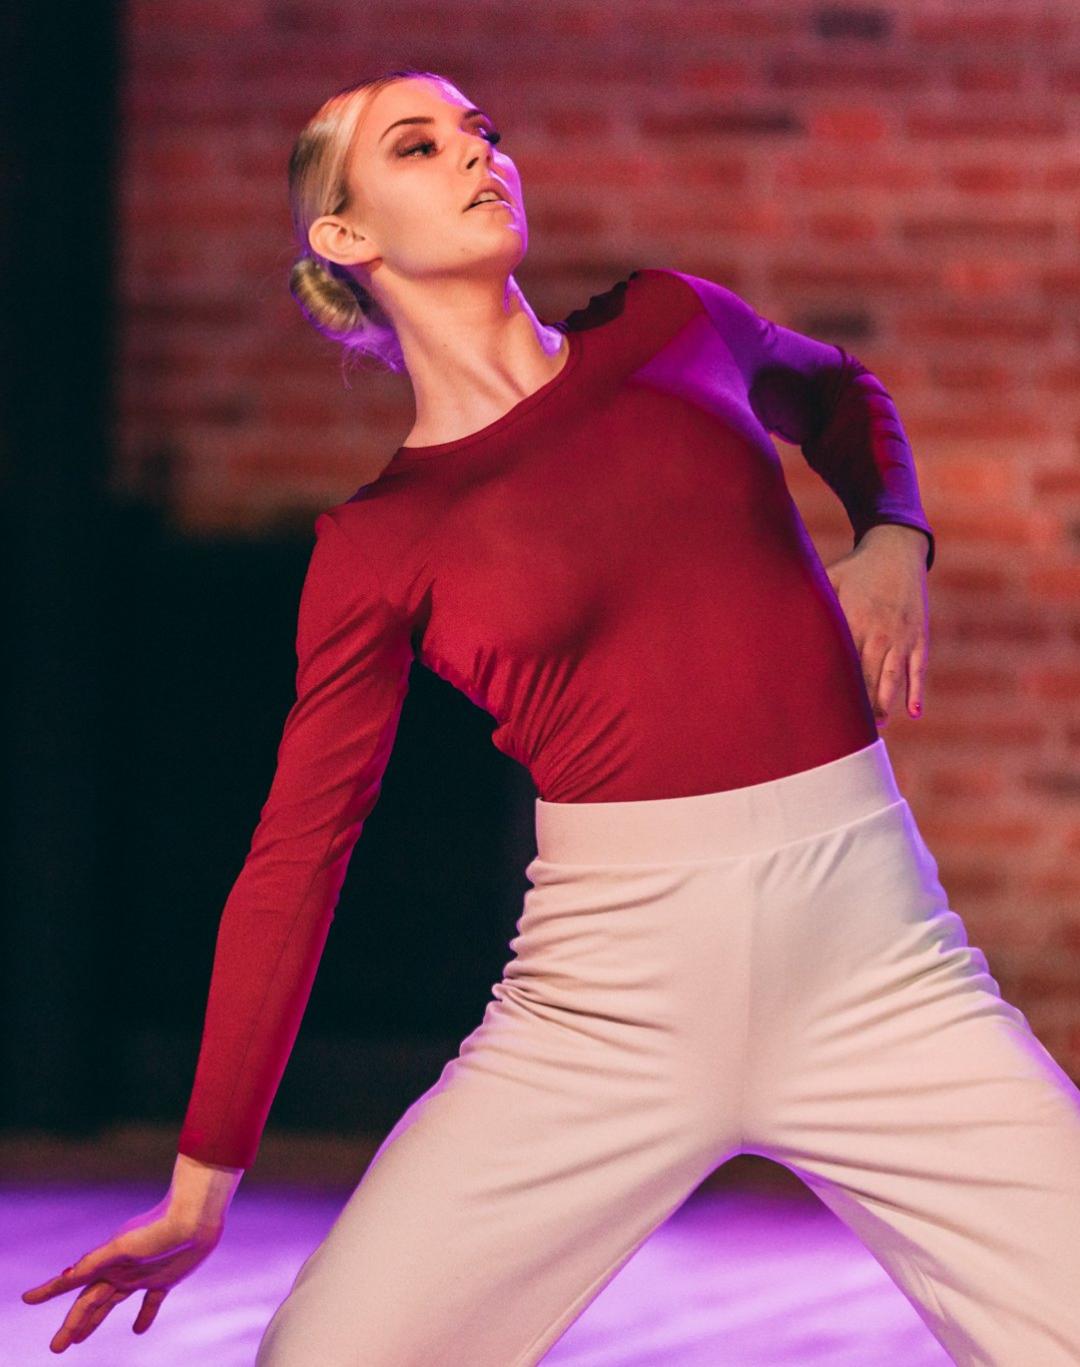 Tanssija seisoo tanssiasennossa mustat housut ja ruskea paita yllään.